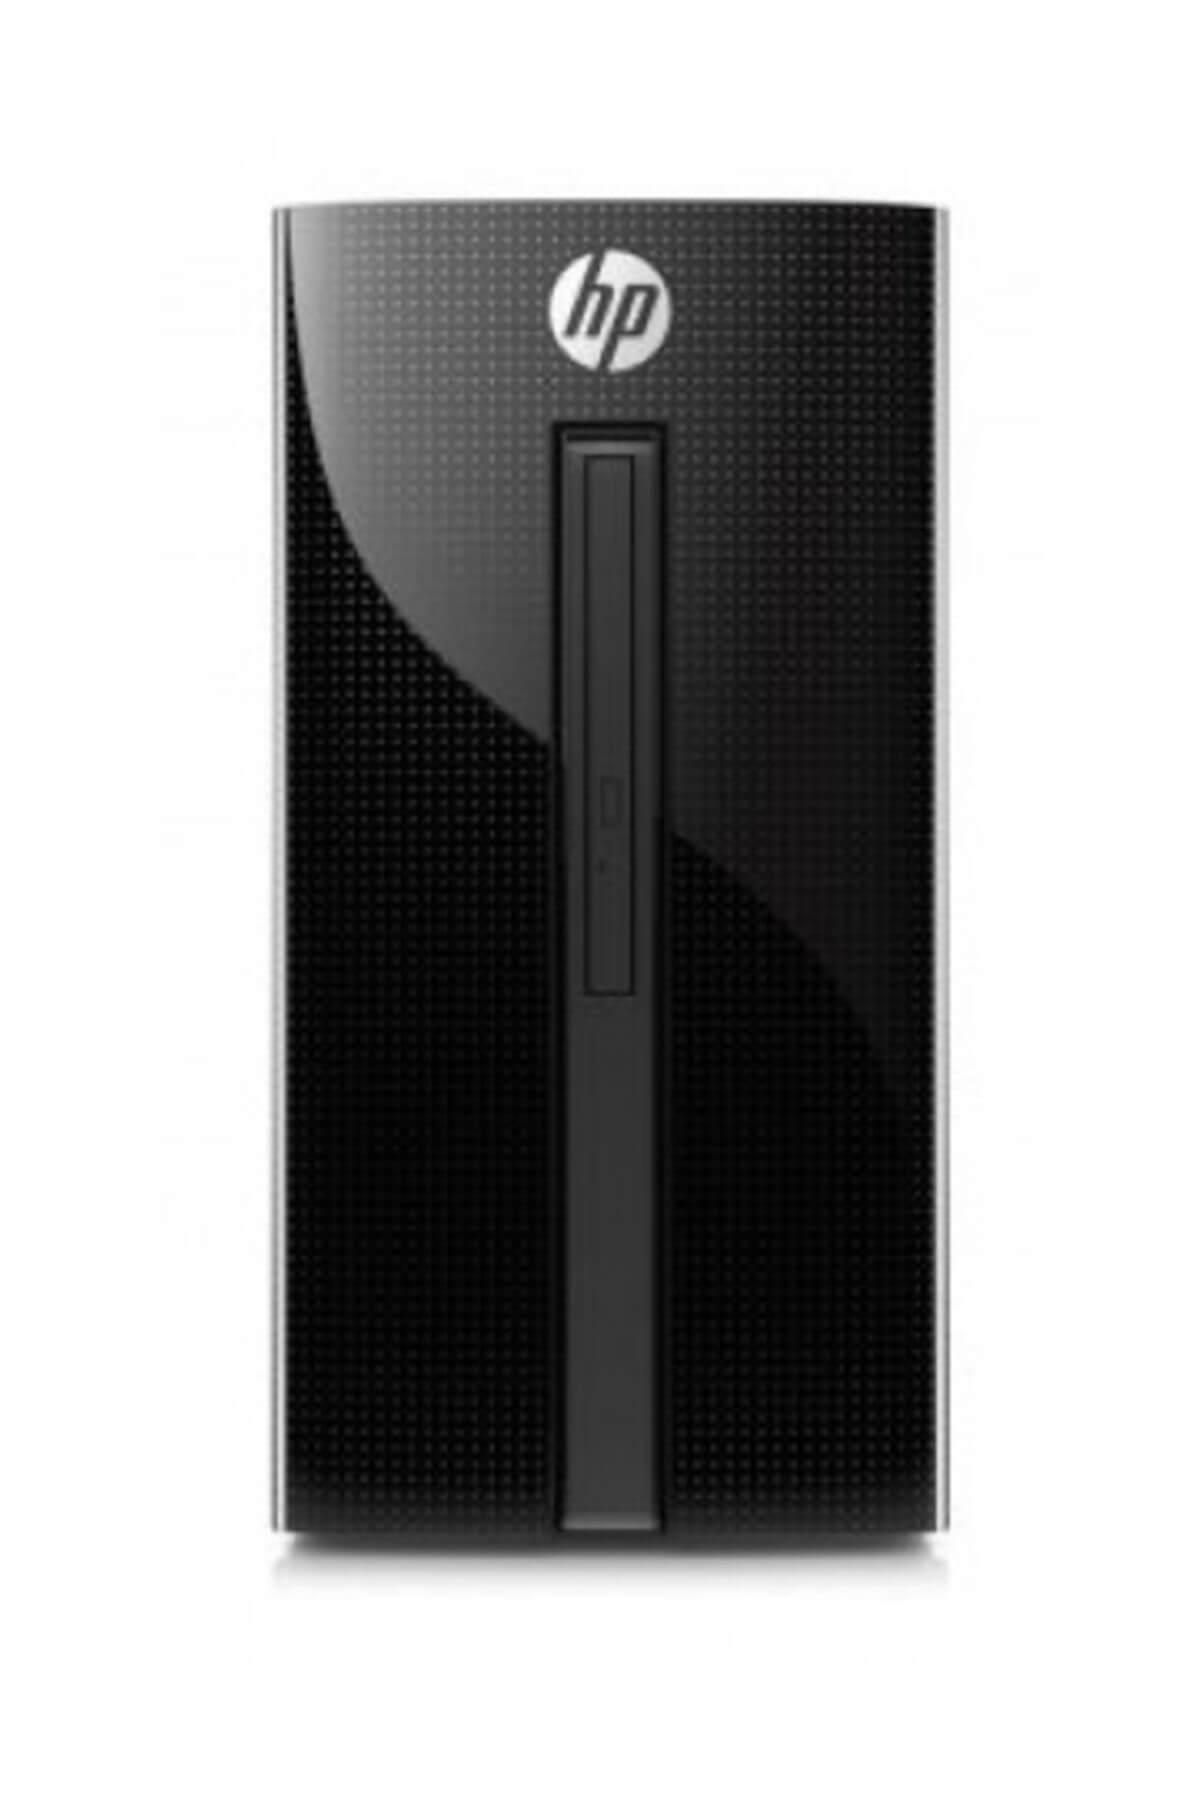 HP 460 P200NT 4XC14EA i3-7100T 4BG 1TB FreeDOS 2